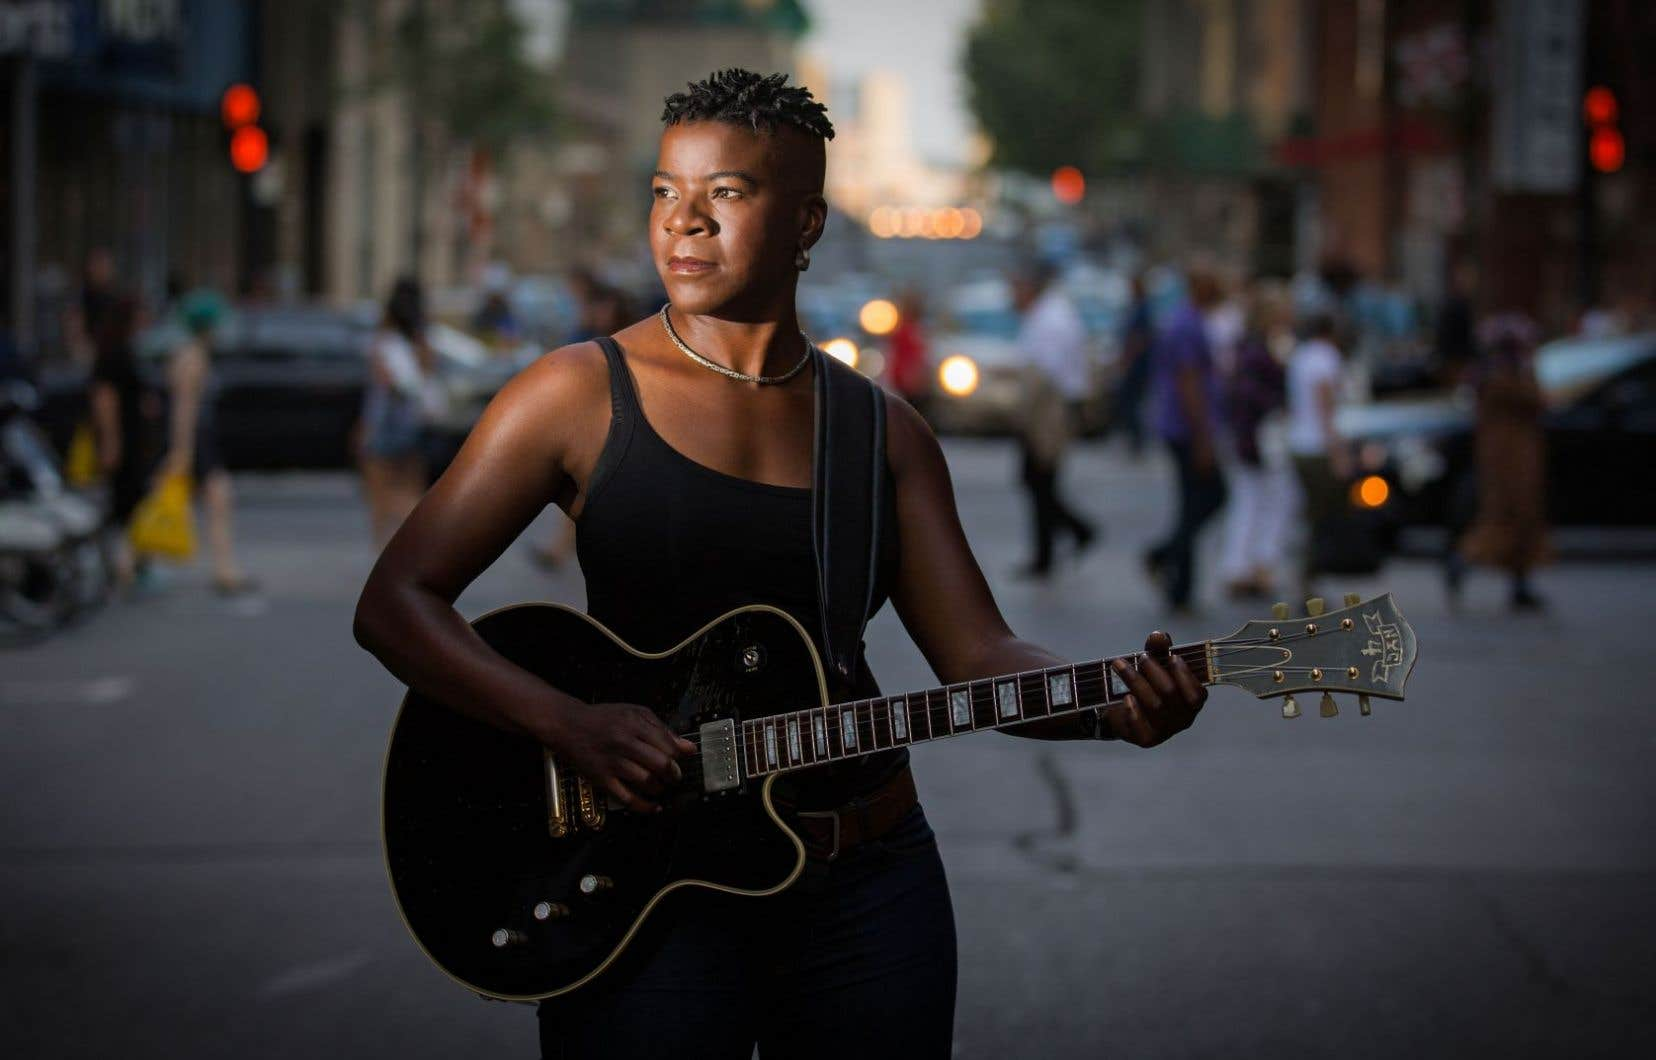 L'artiste Cécile Doo-Kingué réfléchit sur le sort de l'humanité, et «Anybody Listening», le thème de sa présente trilogie discographique, le reflète bien.